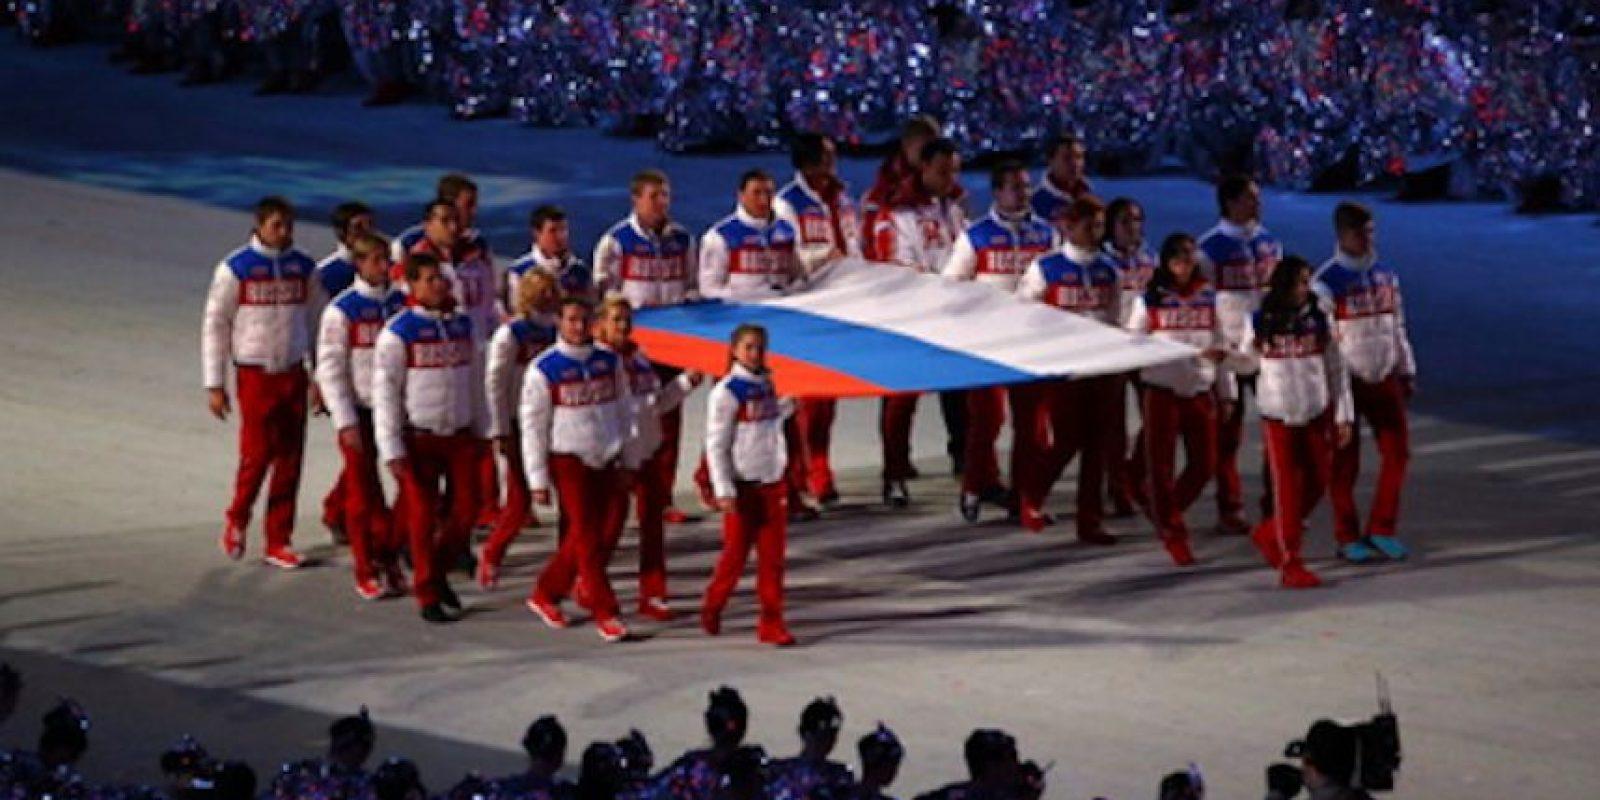 Nadezhda Kotlyarova, corredora semifinalista del mundial de atletismo pasado, se encuentra entre los beneficiados. Foto:Getty Images